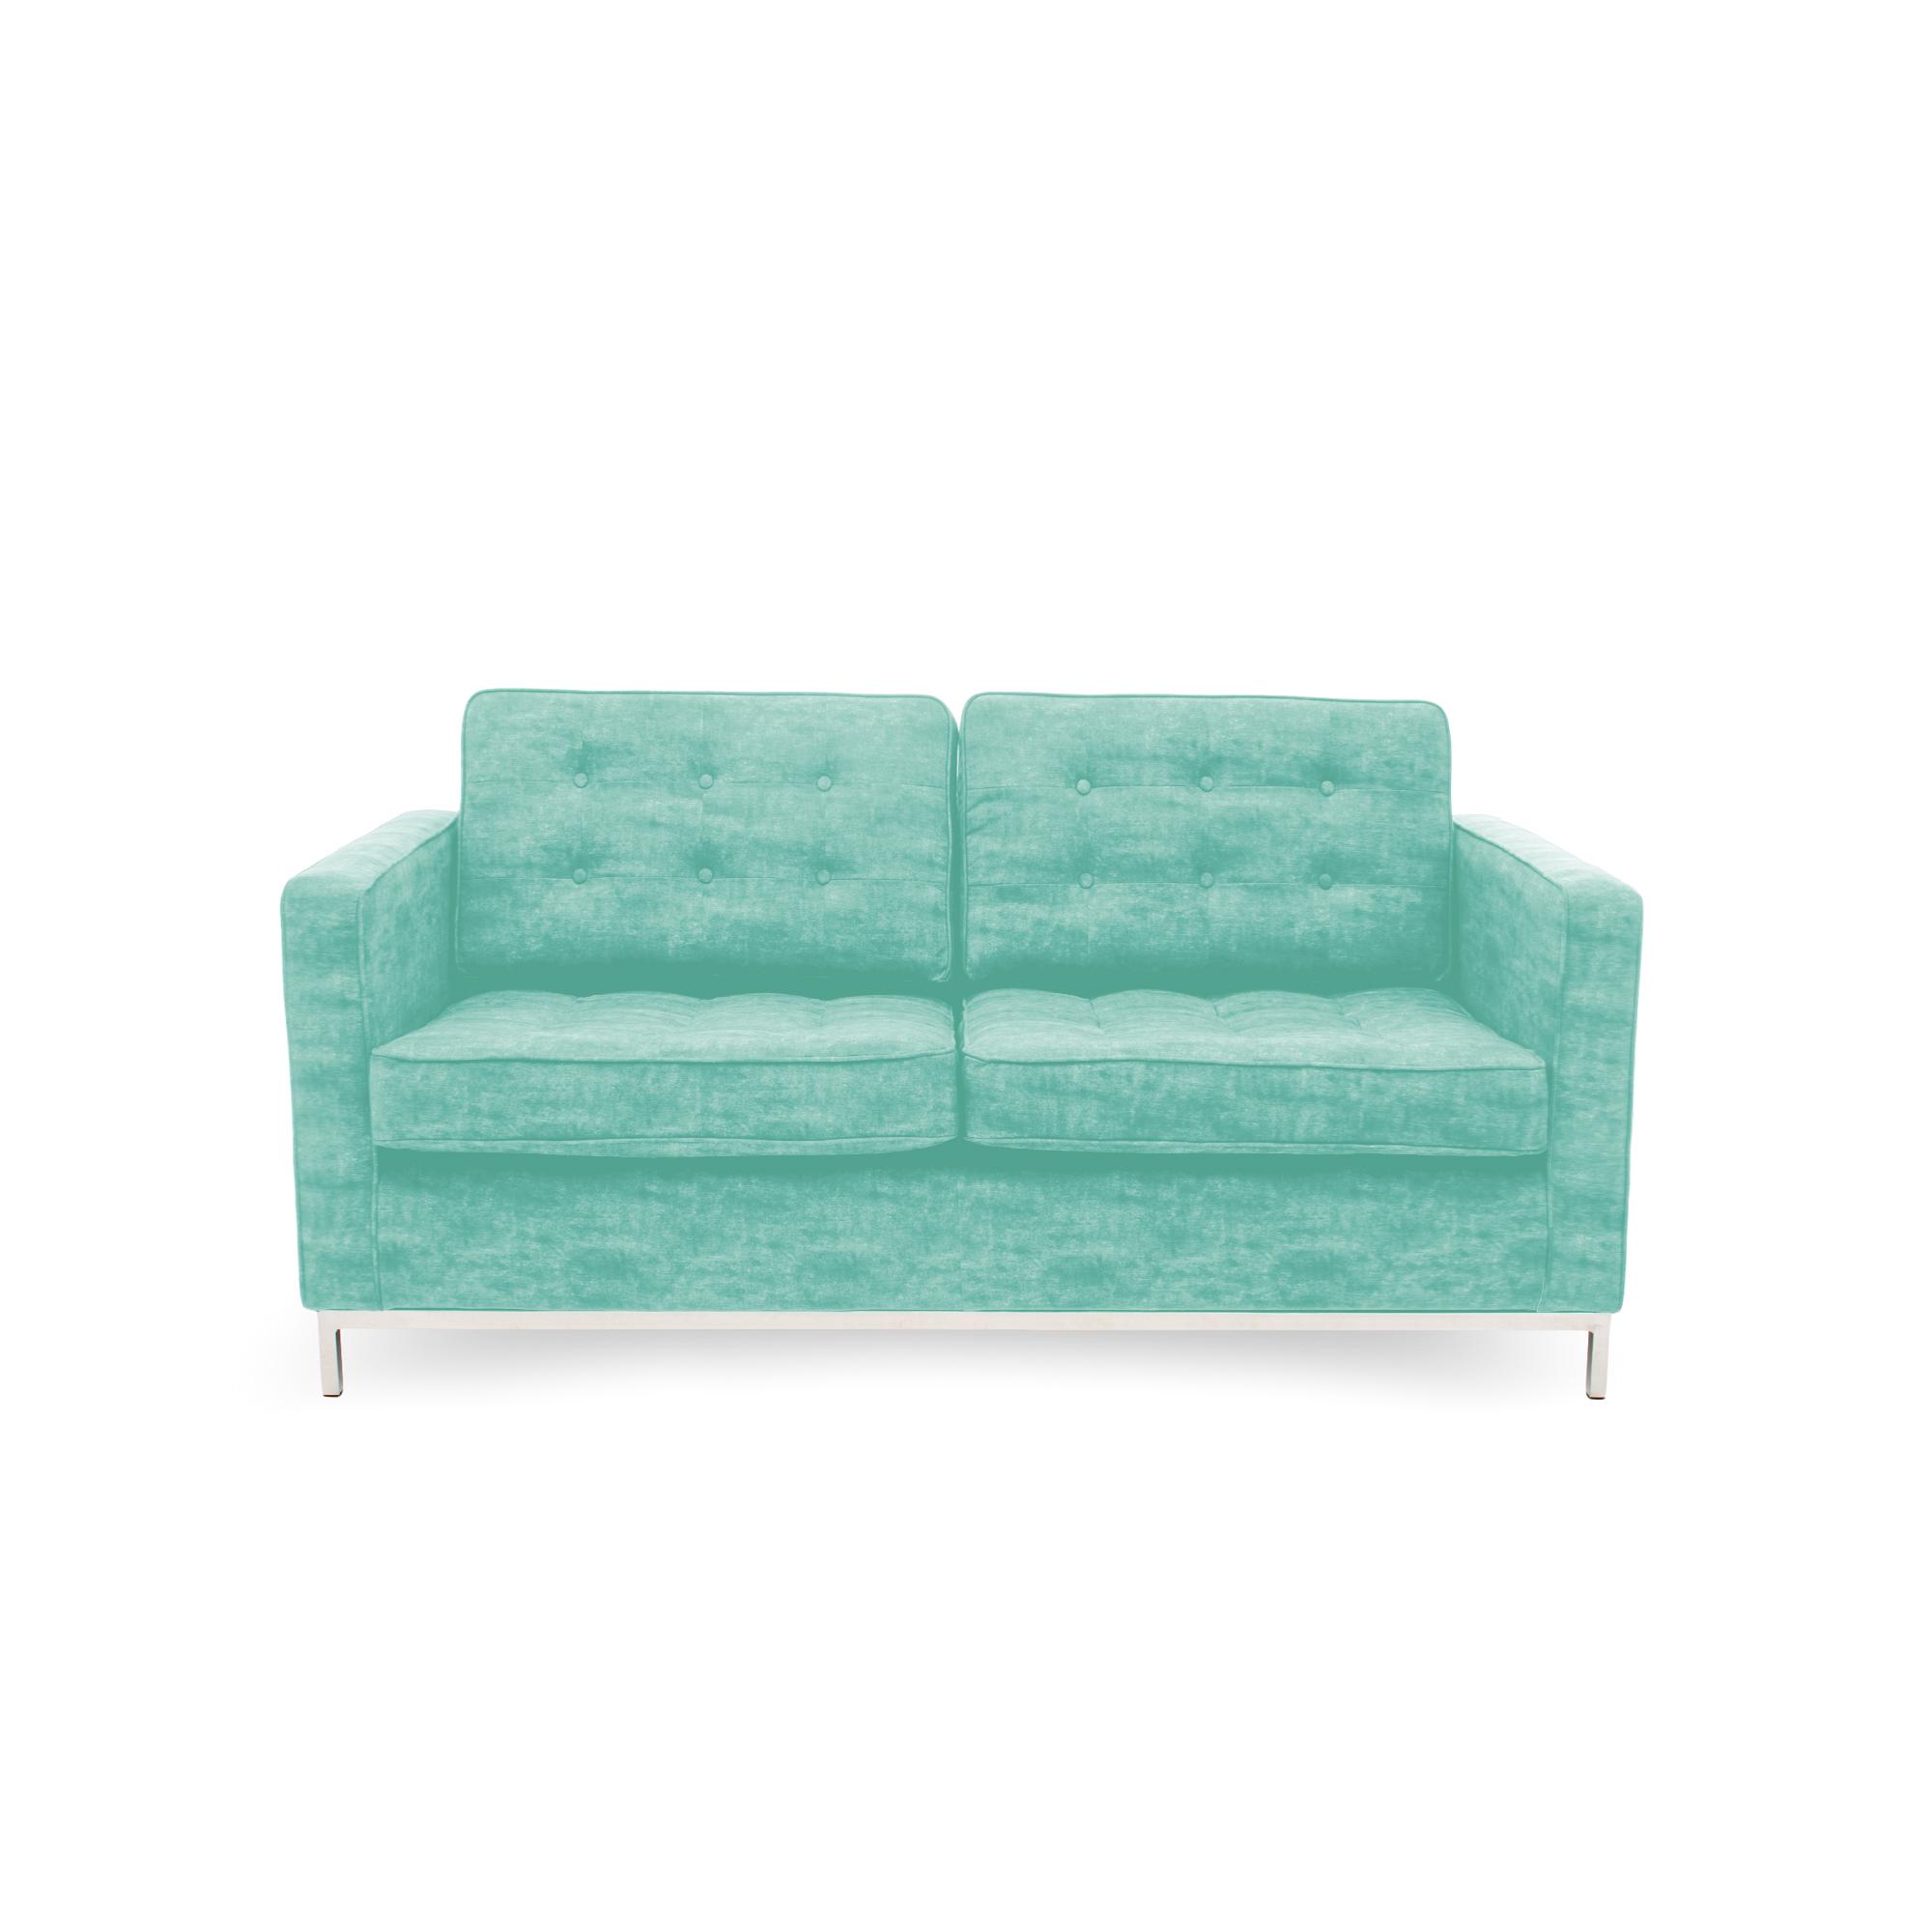 Canapea Fixa 2 locuri Ben Turquoise